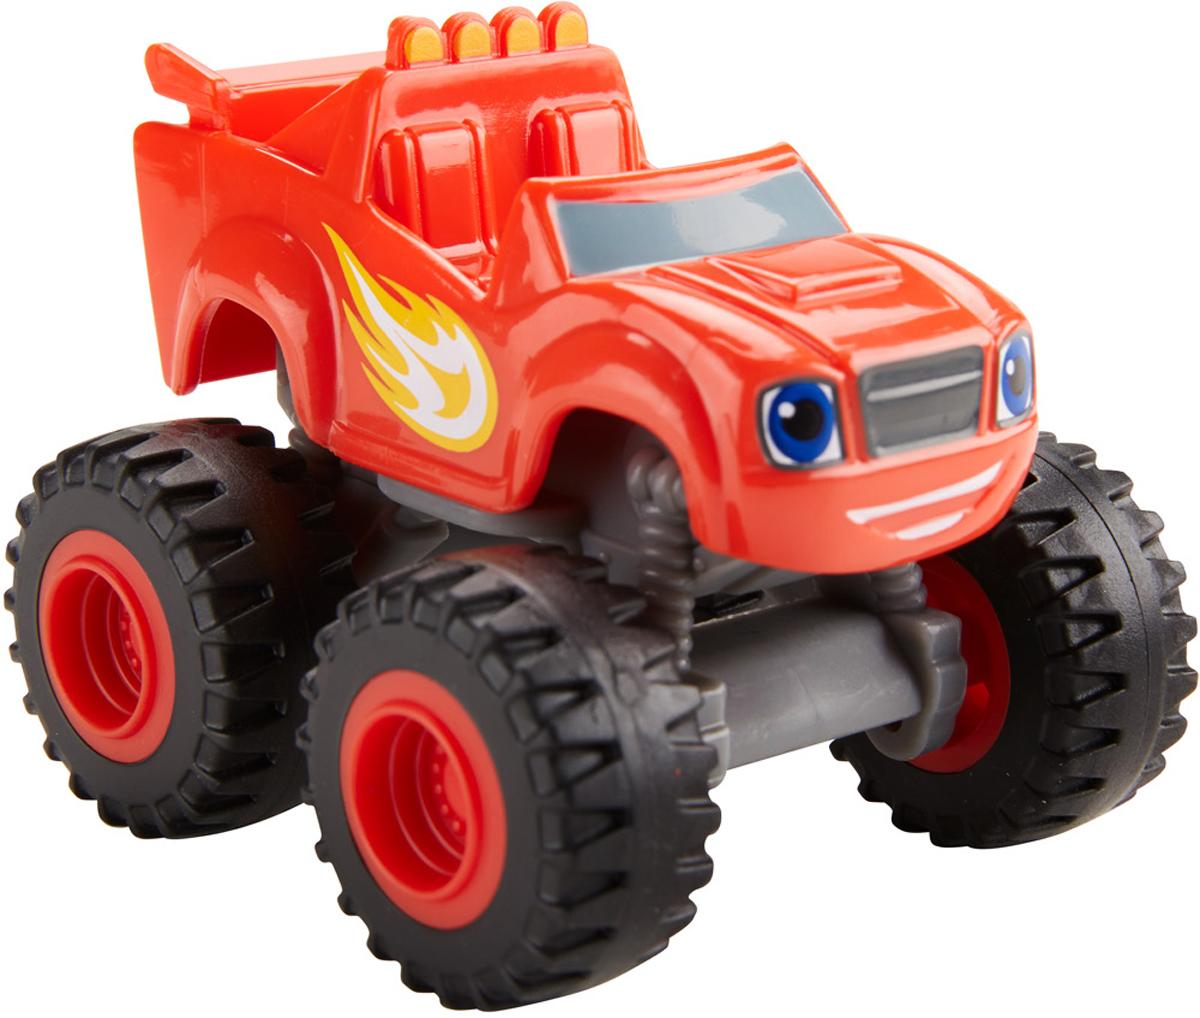 Blaze Машинка Вспыш DKV83DKV81_DKV83Машинка Blaze Вспыш выполнена из пластика с металлическими элементами, оснащена подвижными колесами и свободно катается по любой поверхности. Игрушка в точности повторяет внешний вид главного героя из мультсериала Вспыш и чудо-машинки. Вспыш - отважный и очень скоростной пикап красного цвета. Его борта украшает полыхающее пламя, символизирующее бешеное неудержимое движение! И неспроста - ведь Вспыш неизменно побеждает в гонках по трассам Аксель-Сити и по праву считается самым быстрым автомобилем в городе. Вспыш отлично разбирается в точных науках, что также помогает справляться с различными трудностями на пути к победе. Кроме того, красный пикап является единственным автомобилем в Аксель-Сити, которым управляет человек - верный друг Вспыша - мальчик по имени Эй-Джей. Для этой неразлучной пары не существует непреодолимых препятствий и нерешаемых задач!